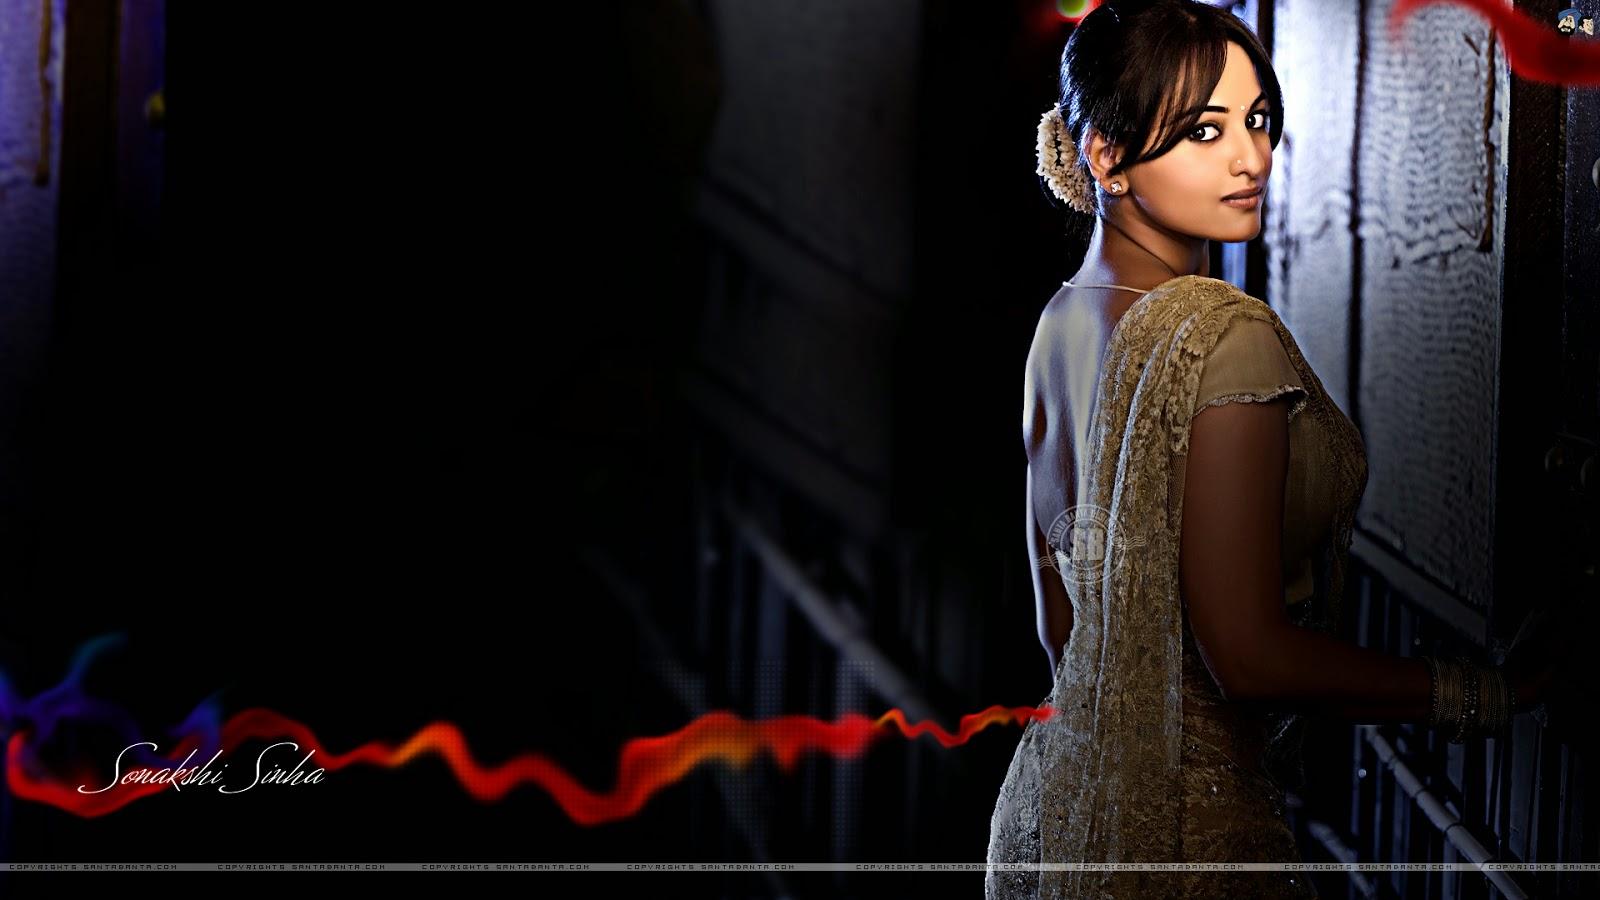 Free Download Bollywood Actress Sonakshi Sinha Full Hd Hot -1234